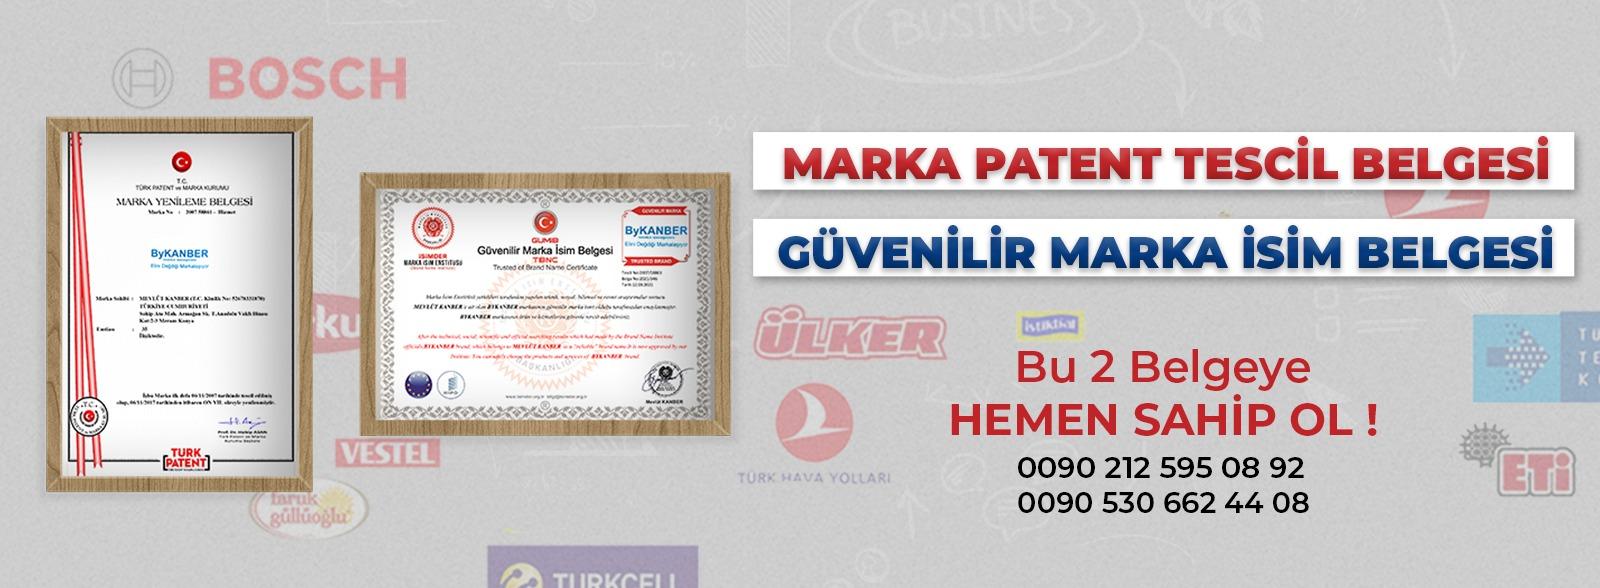 Markalize Banner - 179